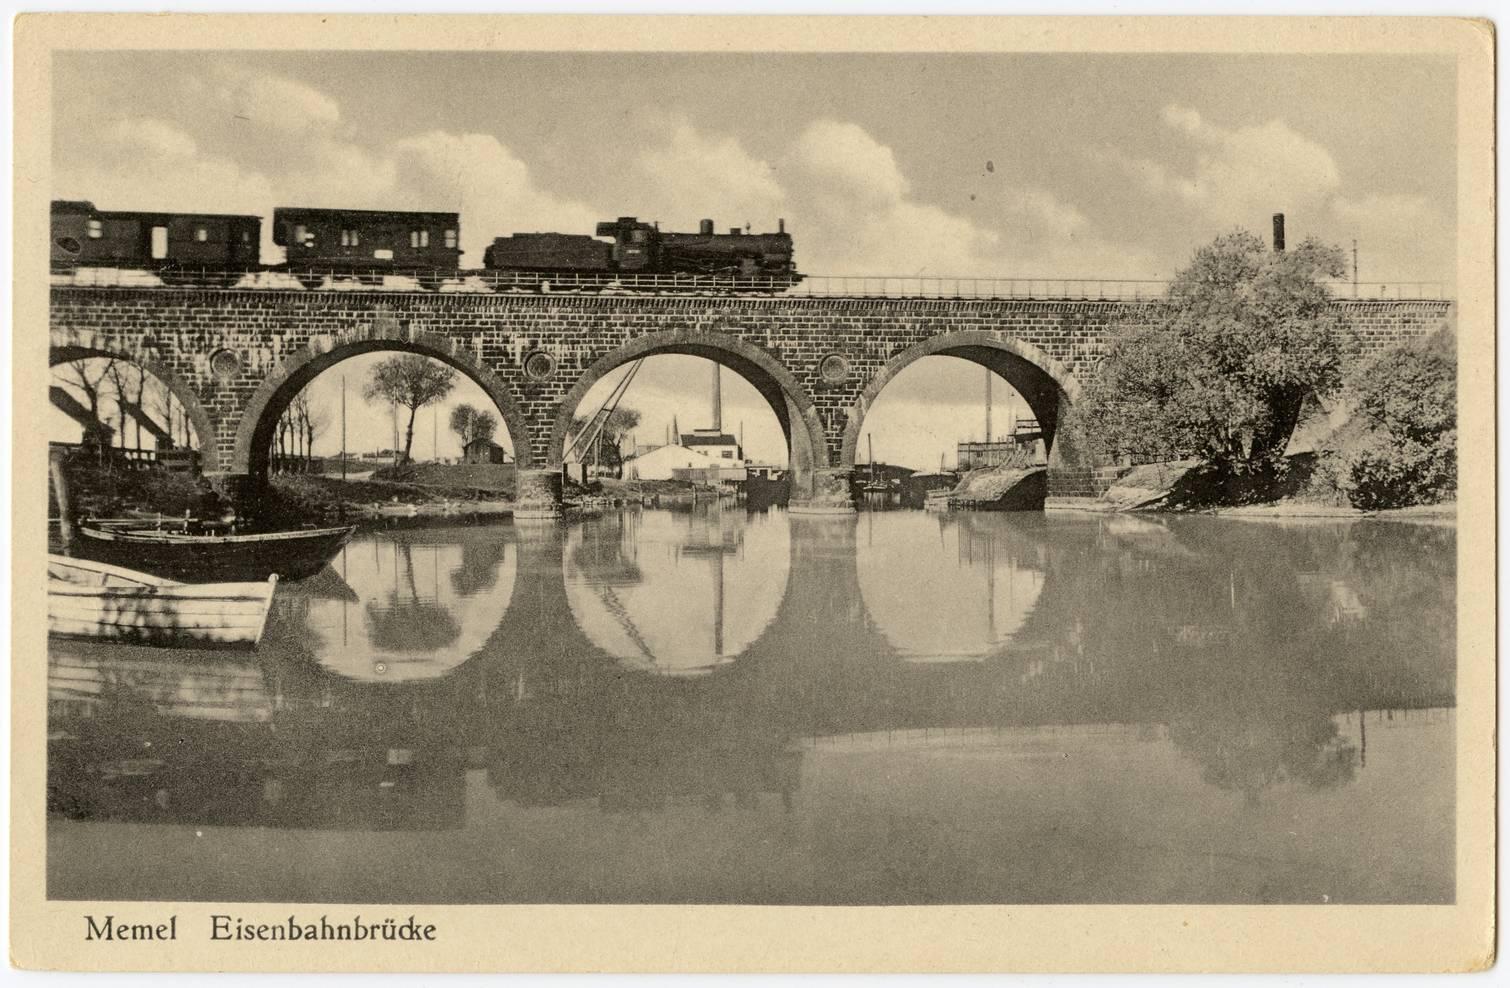 Memel Eisenbahnbrücke